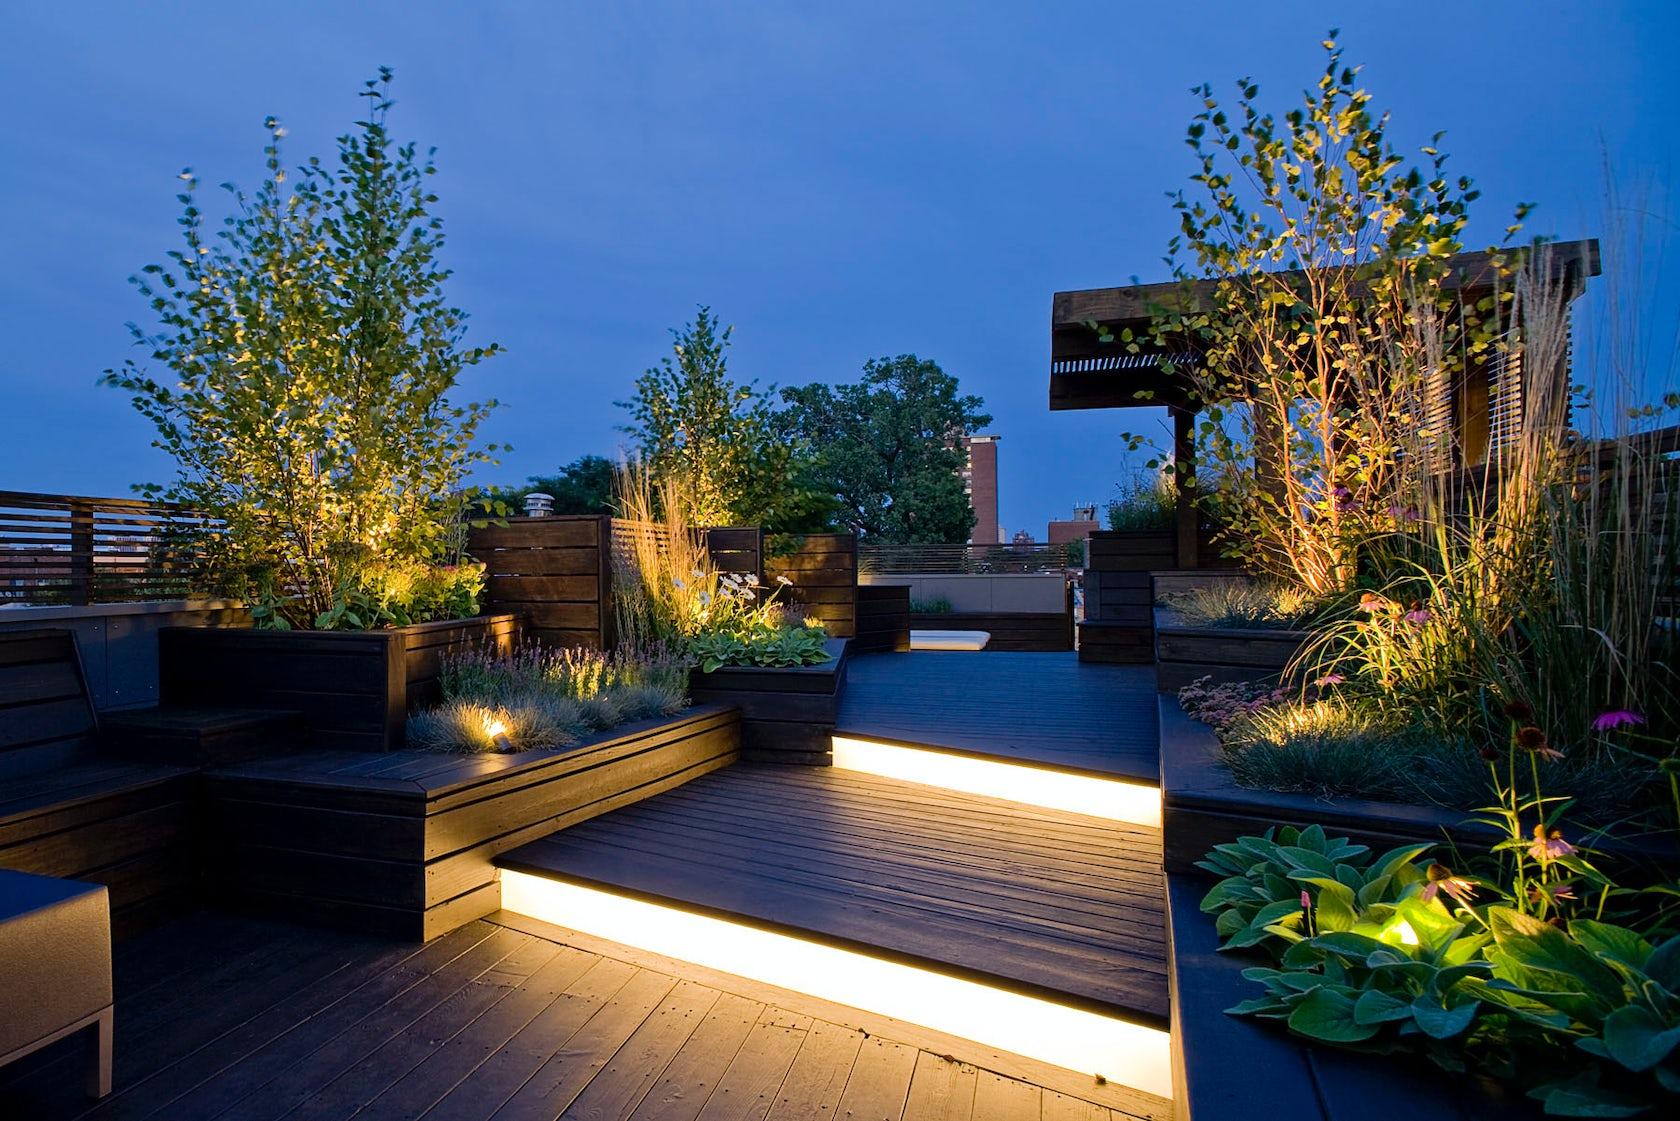 architizer etiquetas jardineros moderno iluminacin exterior reformar terraza terraza y jardn hacer jardineras madera - Iluminacion Terrazas